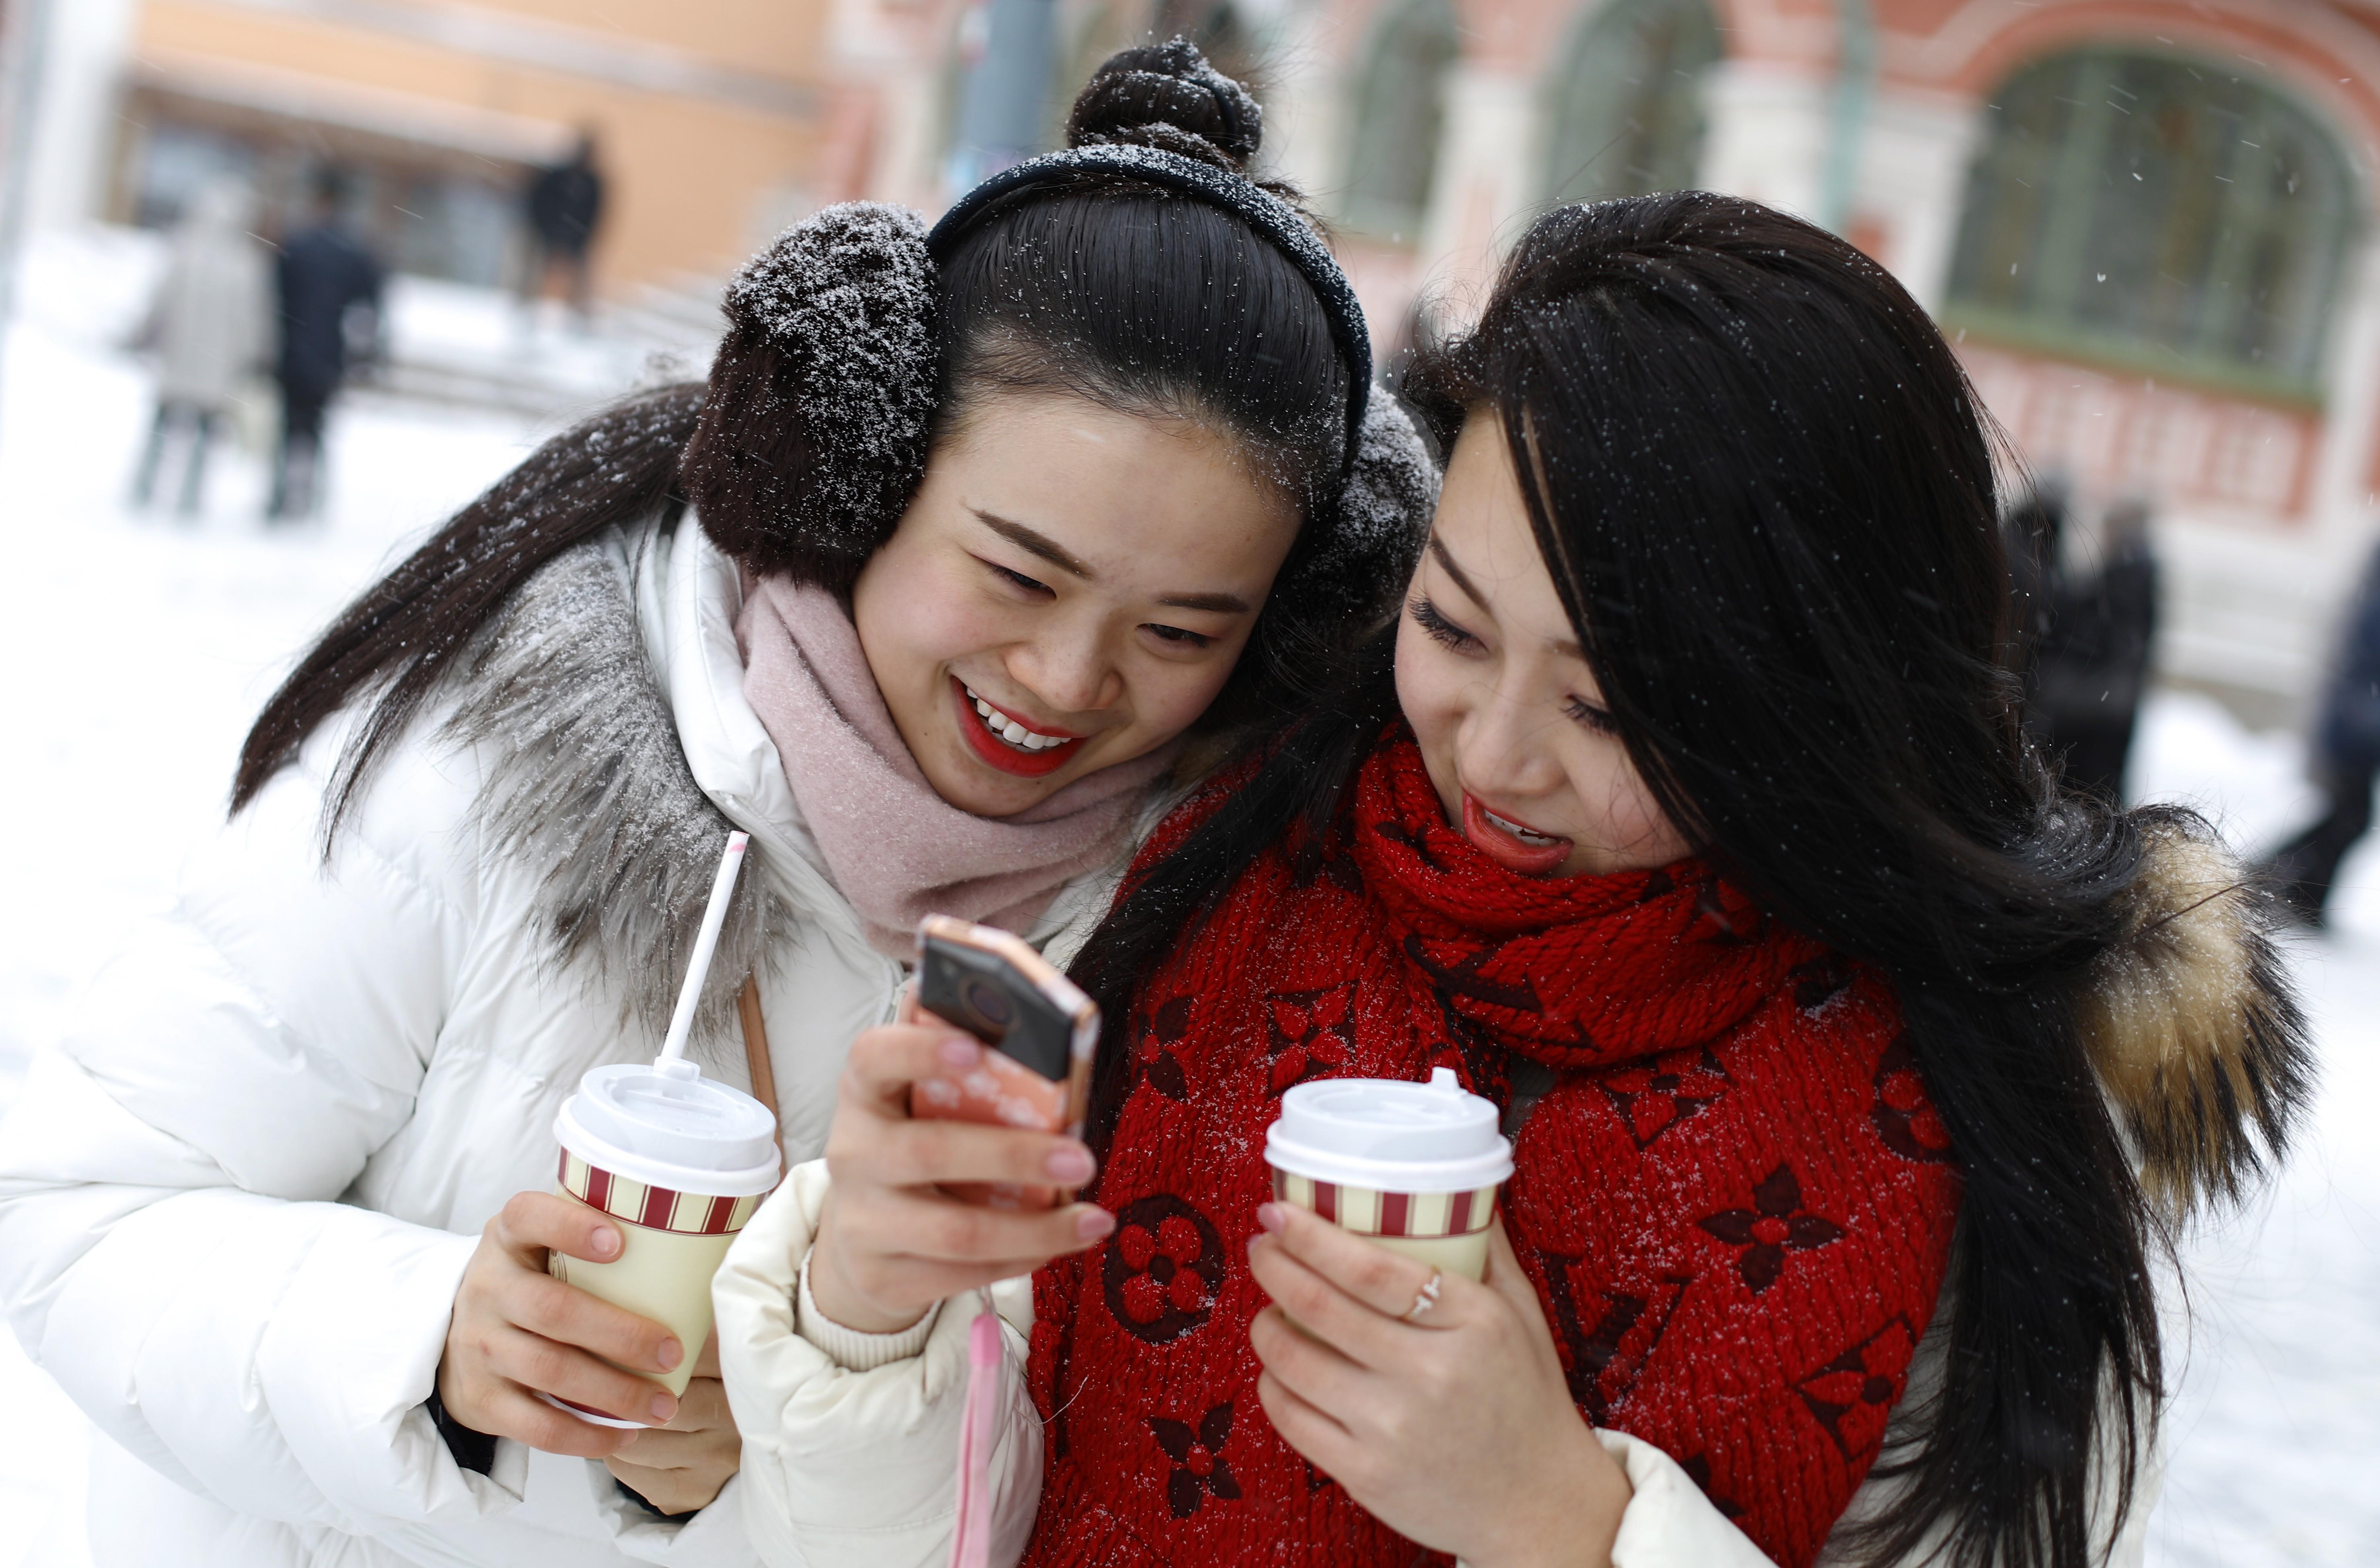 Сайты знакомства таджикистана бесплатные знакомства сайты знакомств с иностранцами